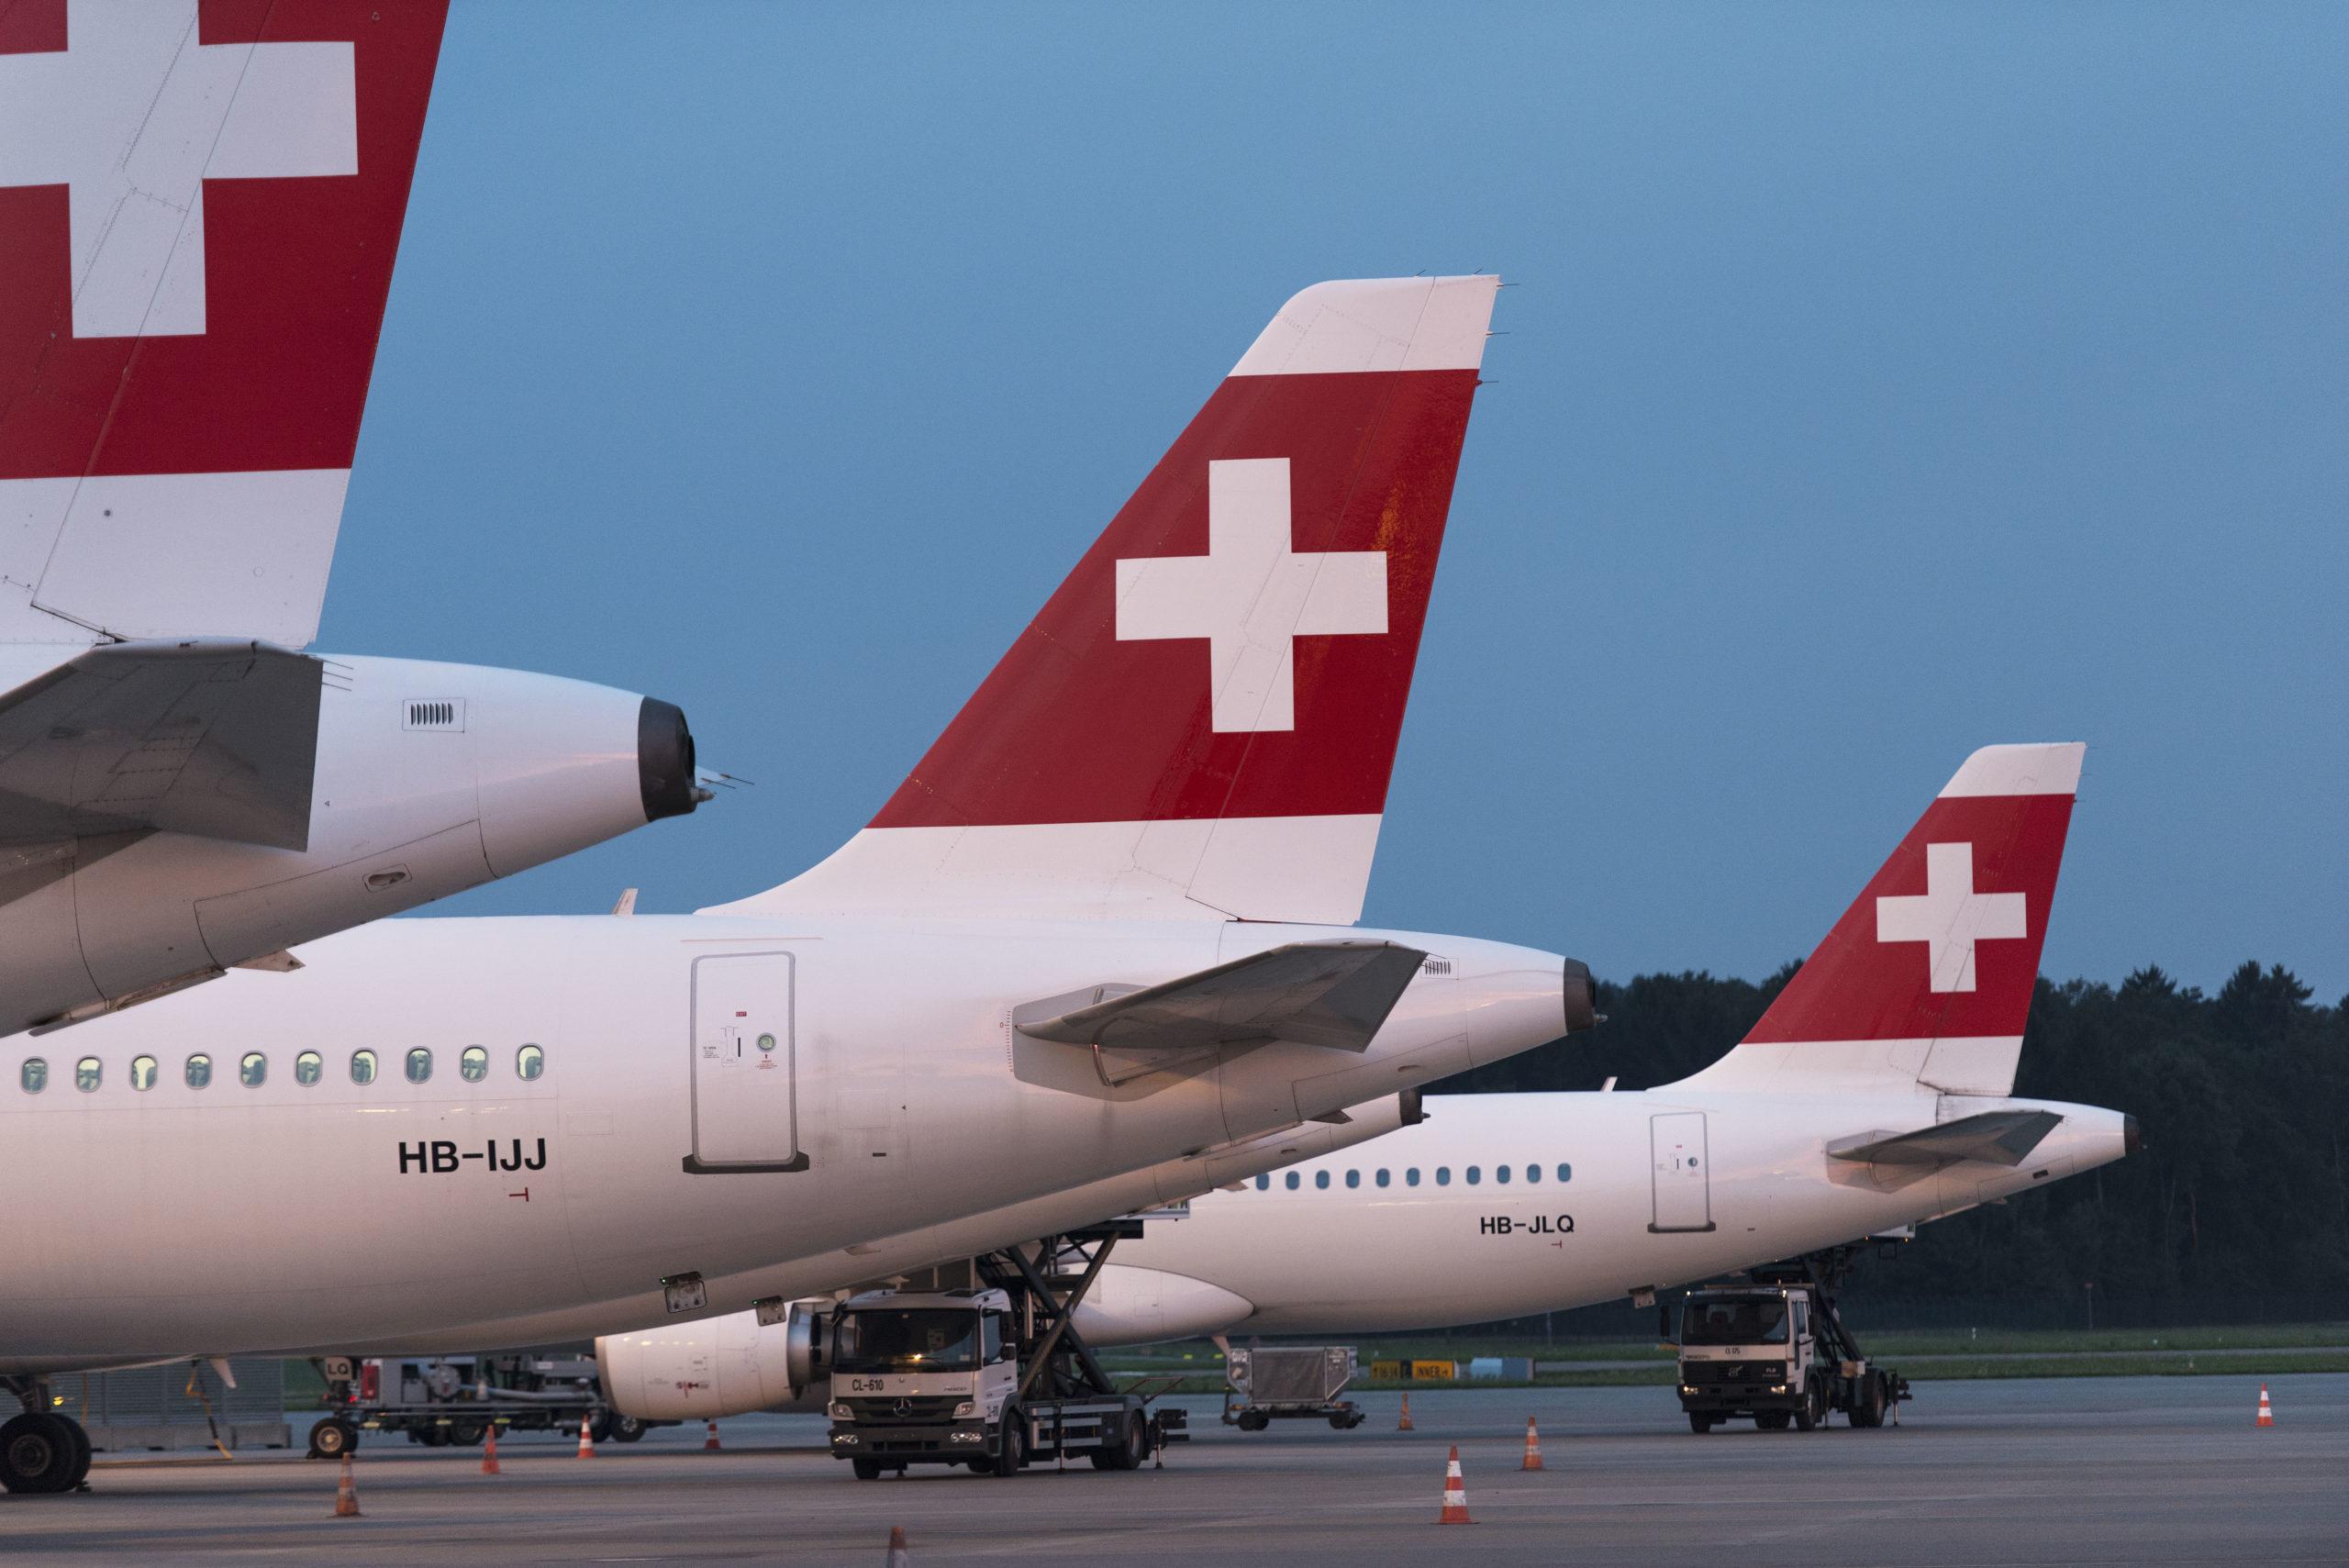 Swiss mise sur une reprise du trafic long-courrier d'ici l'été